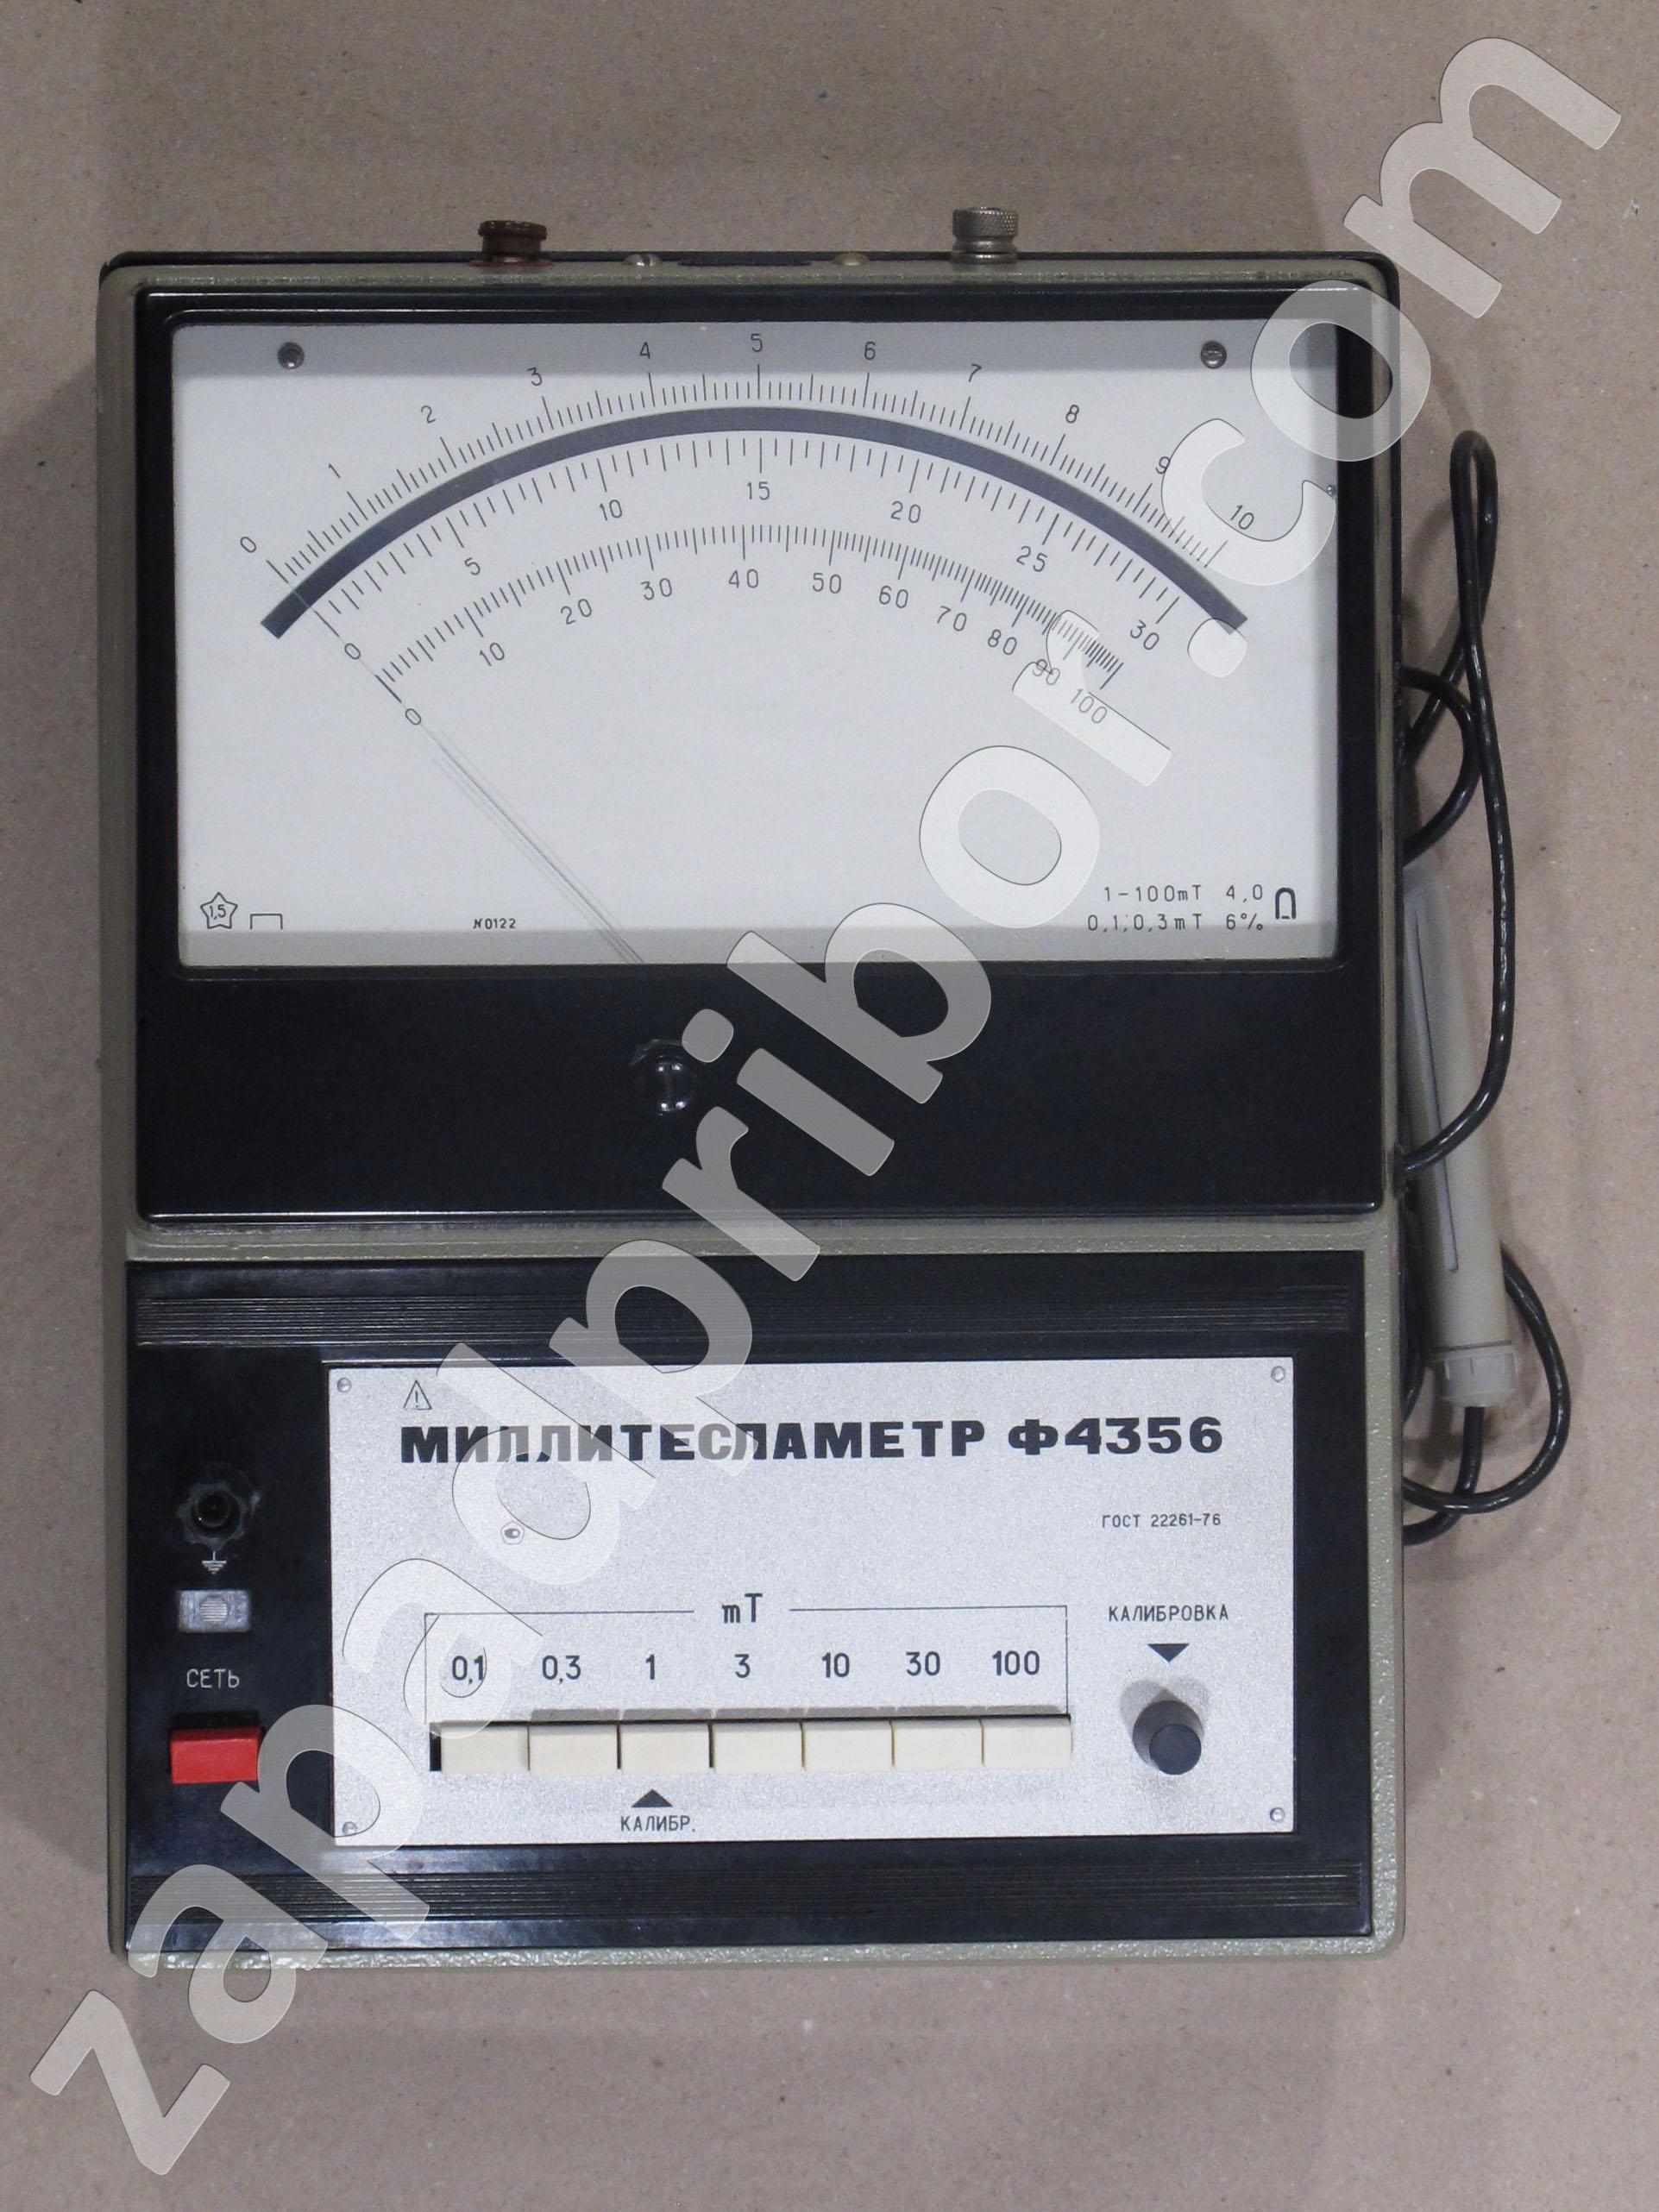 преобразователь весоизмерительный вк-20 инструкция по калибровке